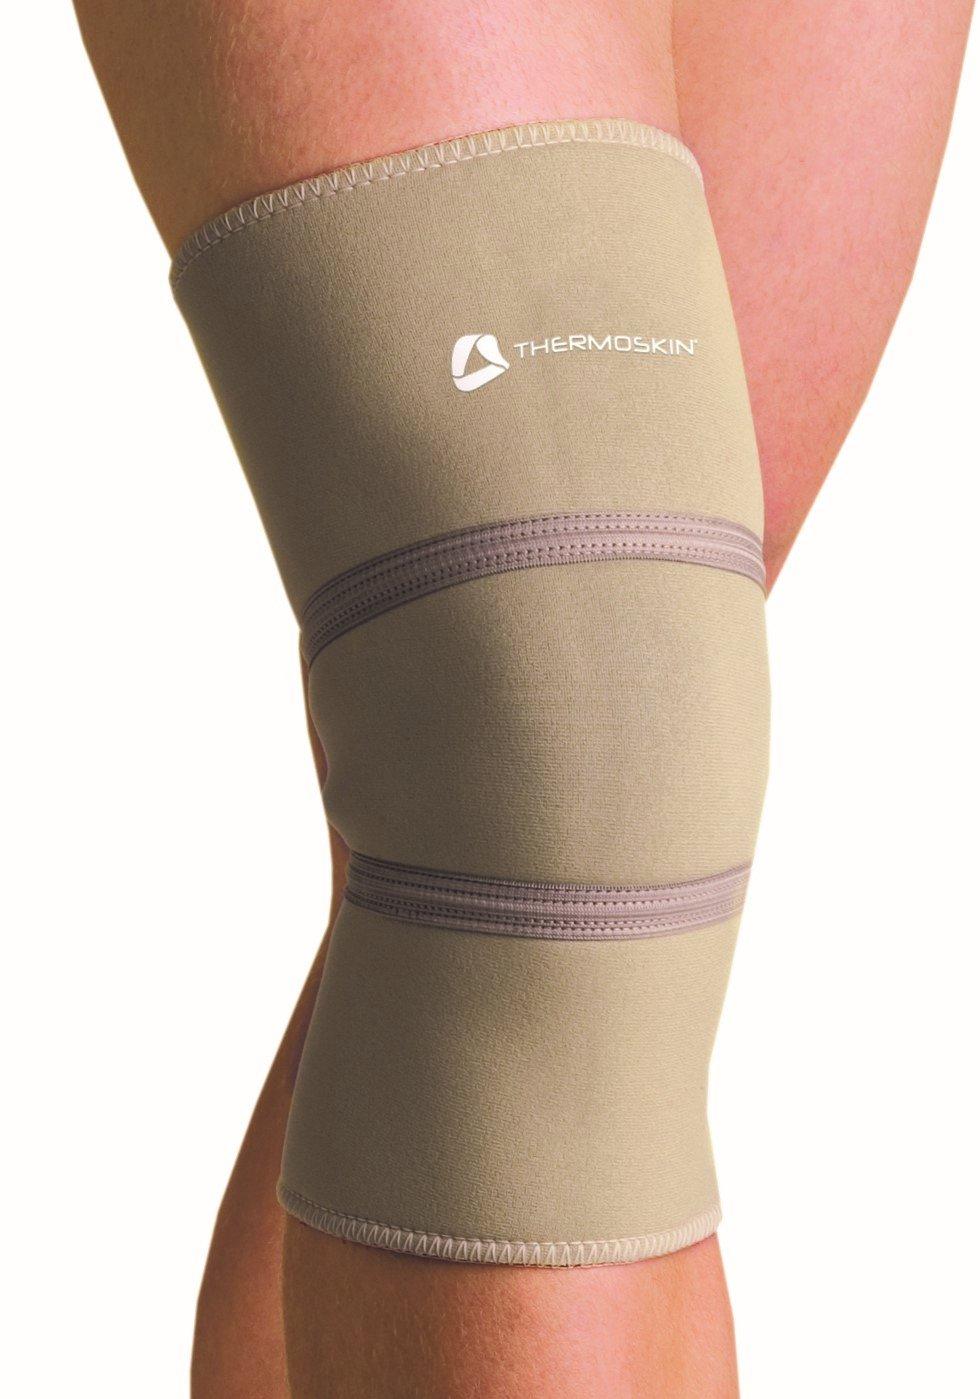 Thermoskin–Rodillera térmica–X Grande de 39,5–41cm (Medida debajo rodilla con tapa en la rodilla ligeramente dobladas)